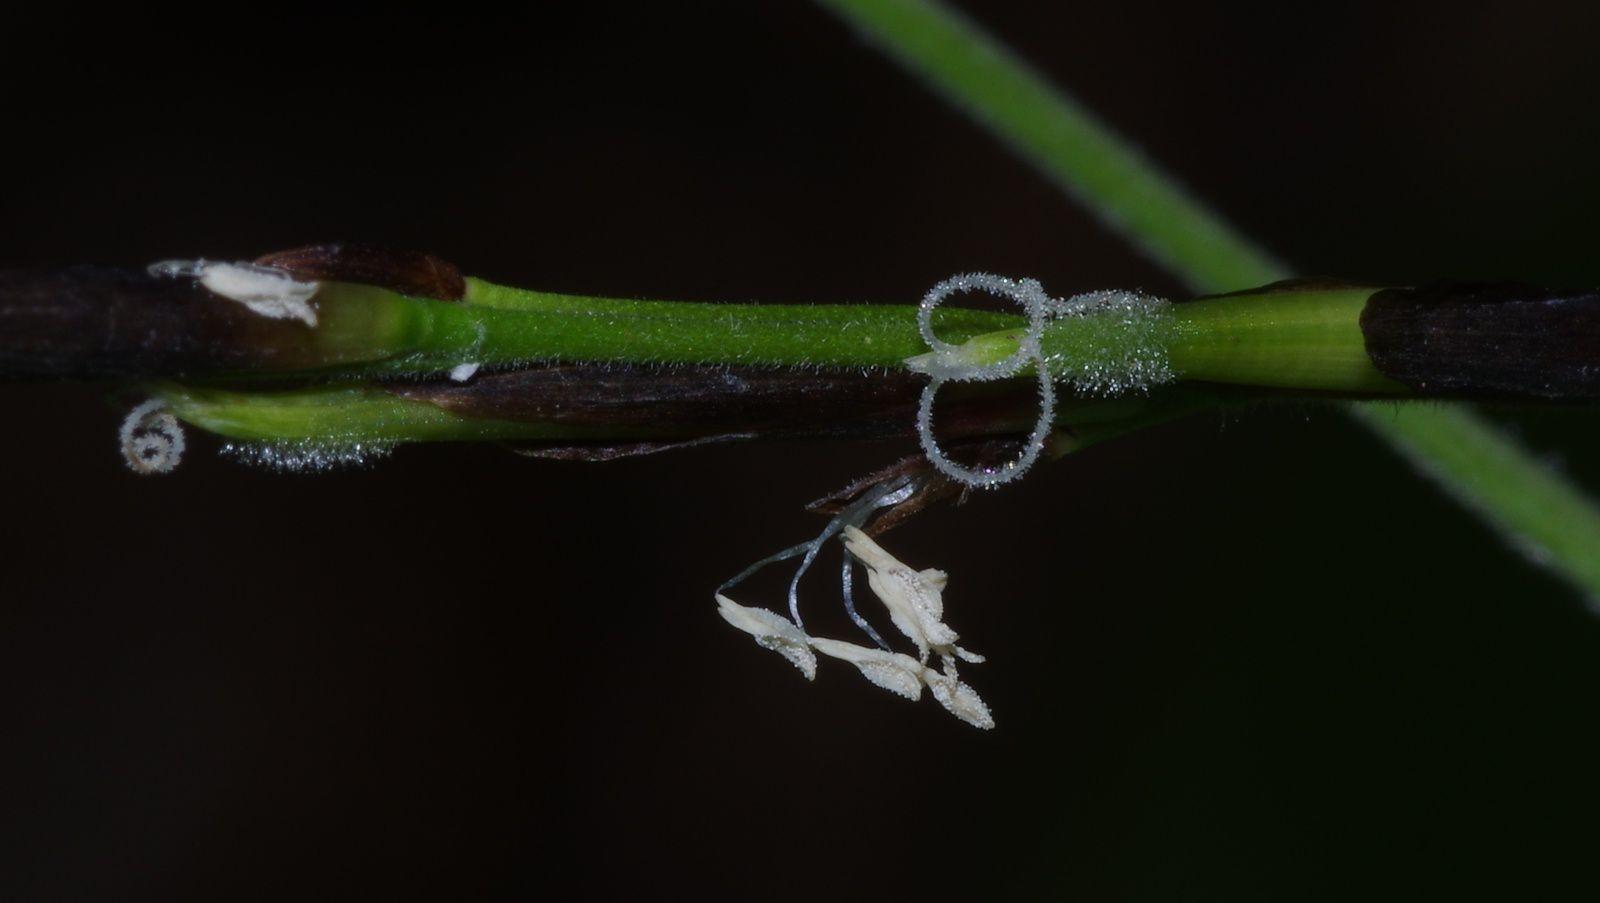 Pharus latifolius